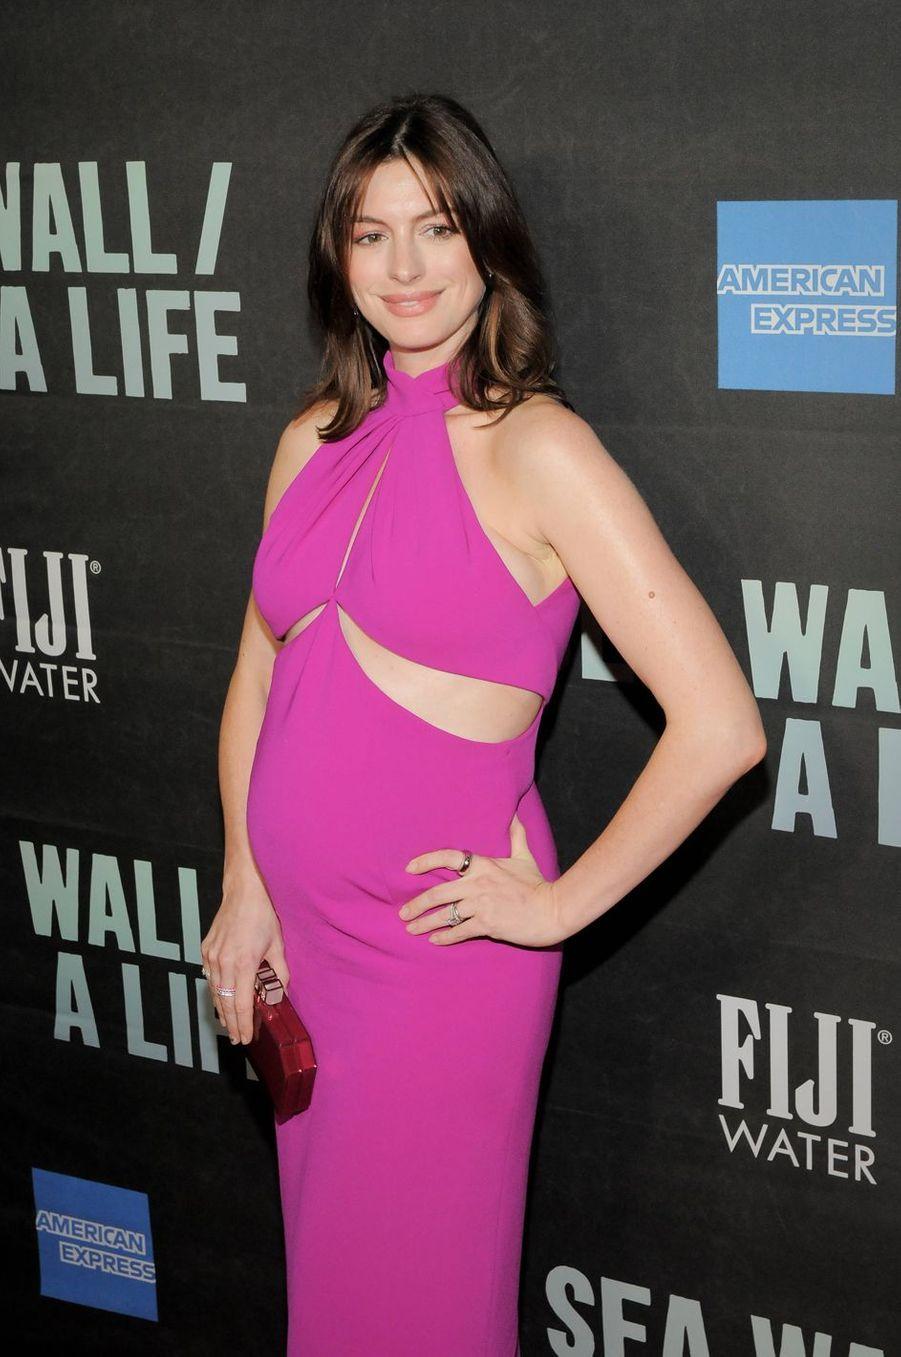 Anne Hathaway a annoncé sa seconde grossesse sur Instagram en juillet 2019, confiant par la même occasion ses difficultés à concevoir un bébé.«Pour beaucoup de femmes, ce n'est pas si facile», avait-elle déclaré quelques jours plus tard lors d'une interview au «Daily Mail».